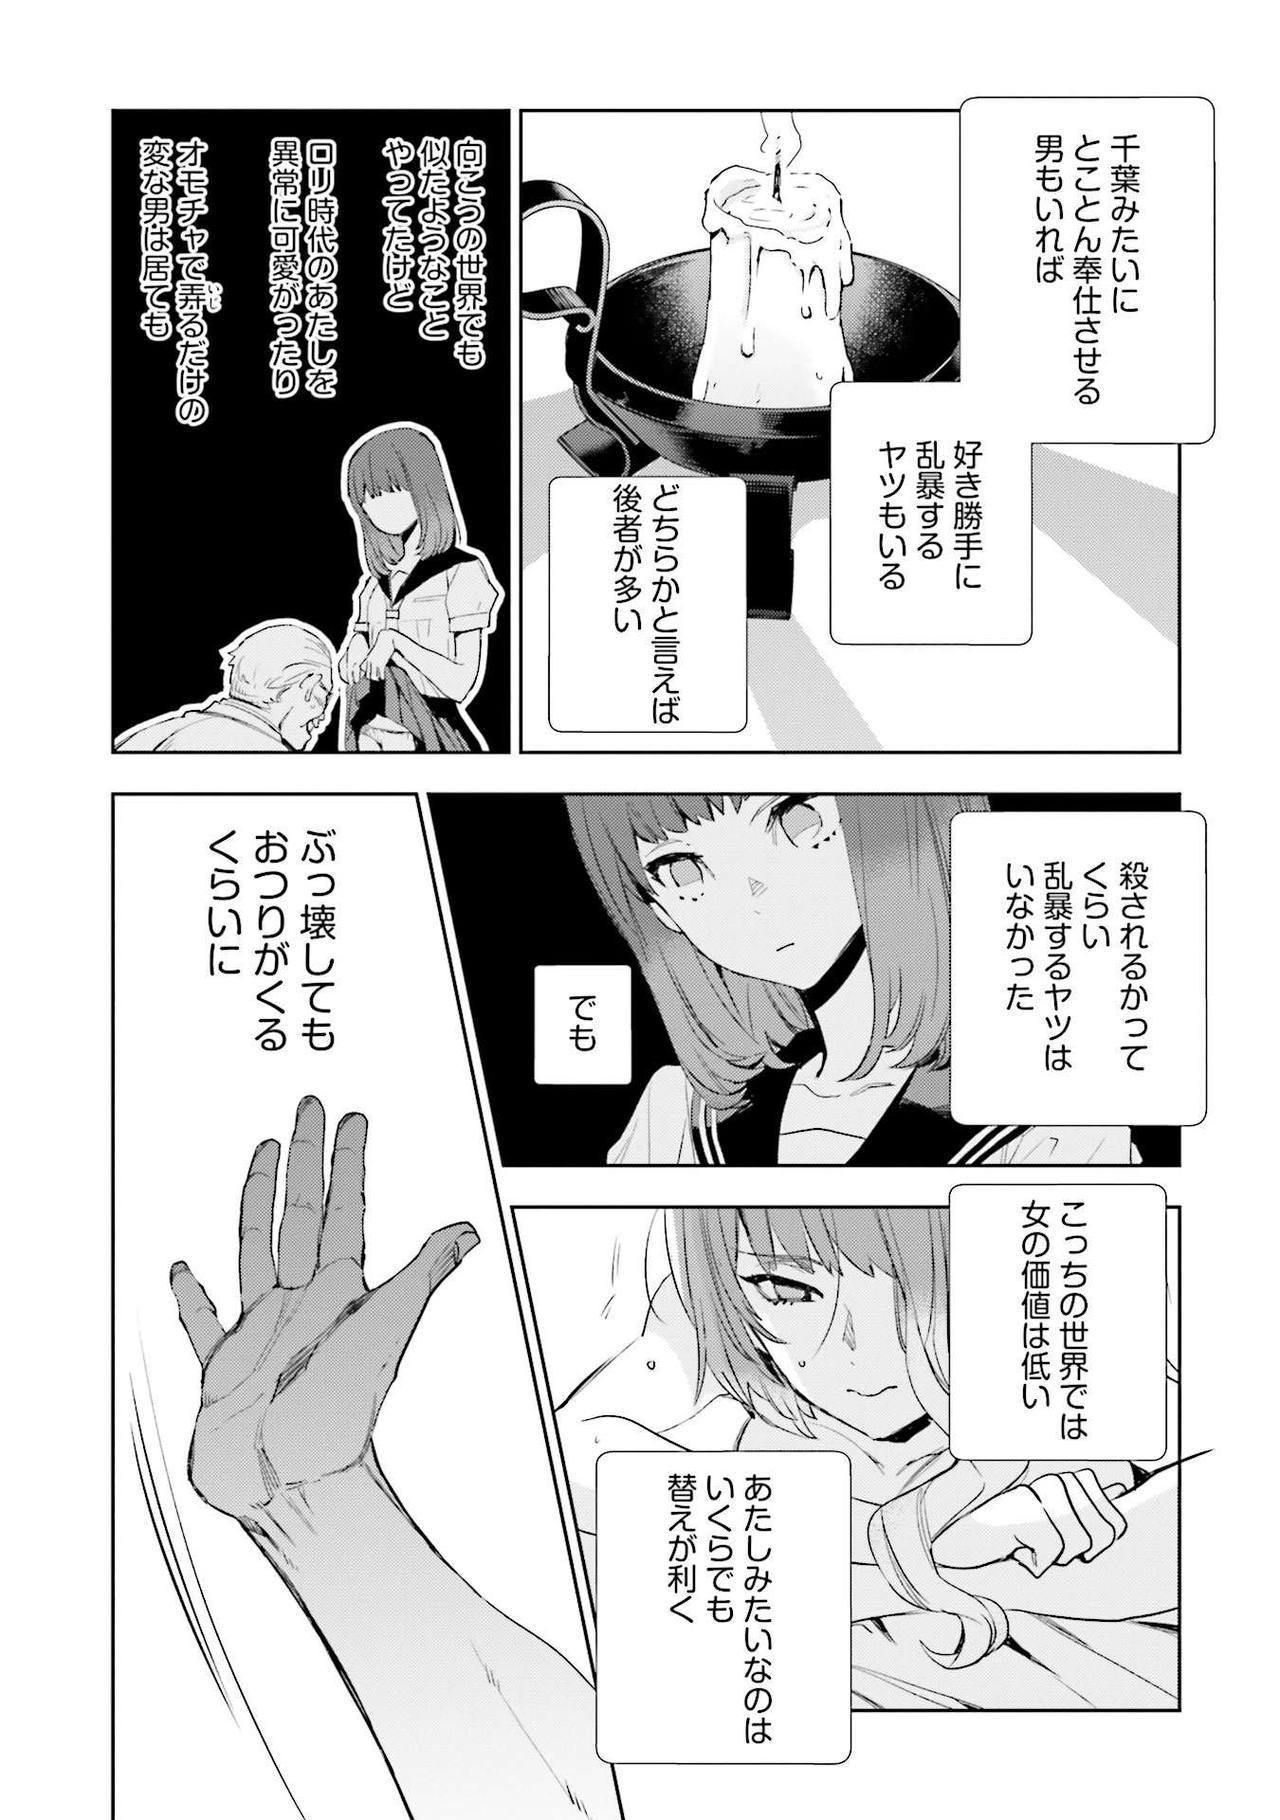 JK Haru wa Isekai de Shoufu ni Natta 1-14 76